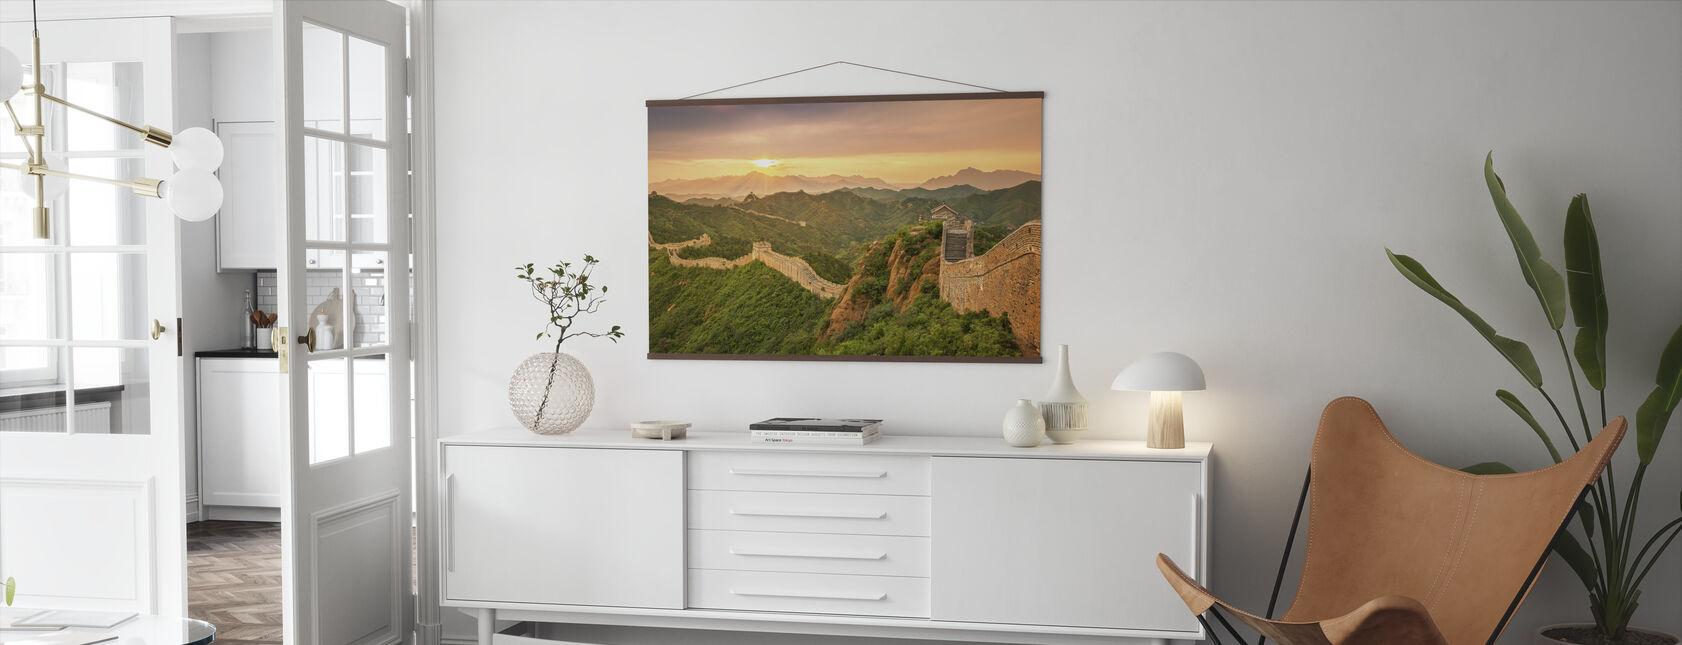 Kinesiske mur ved soloppgang - Plakat - Stue